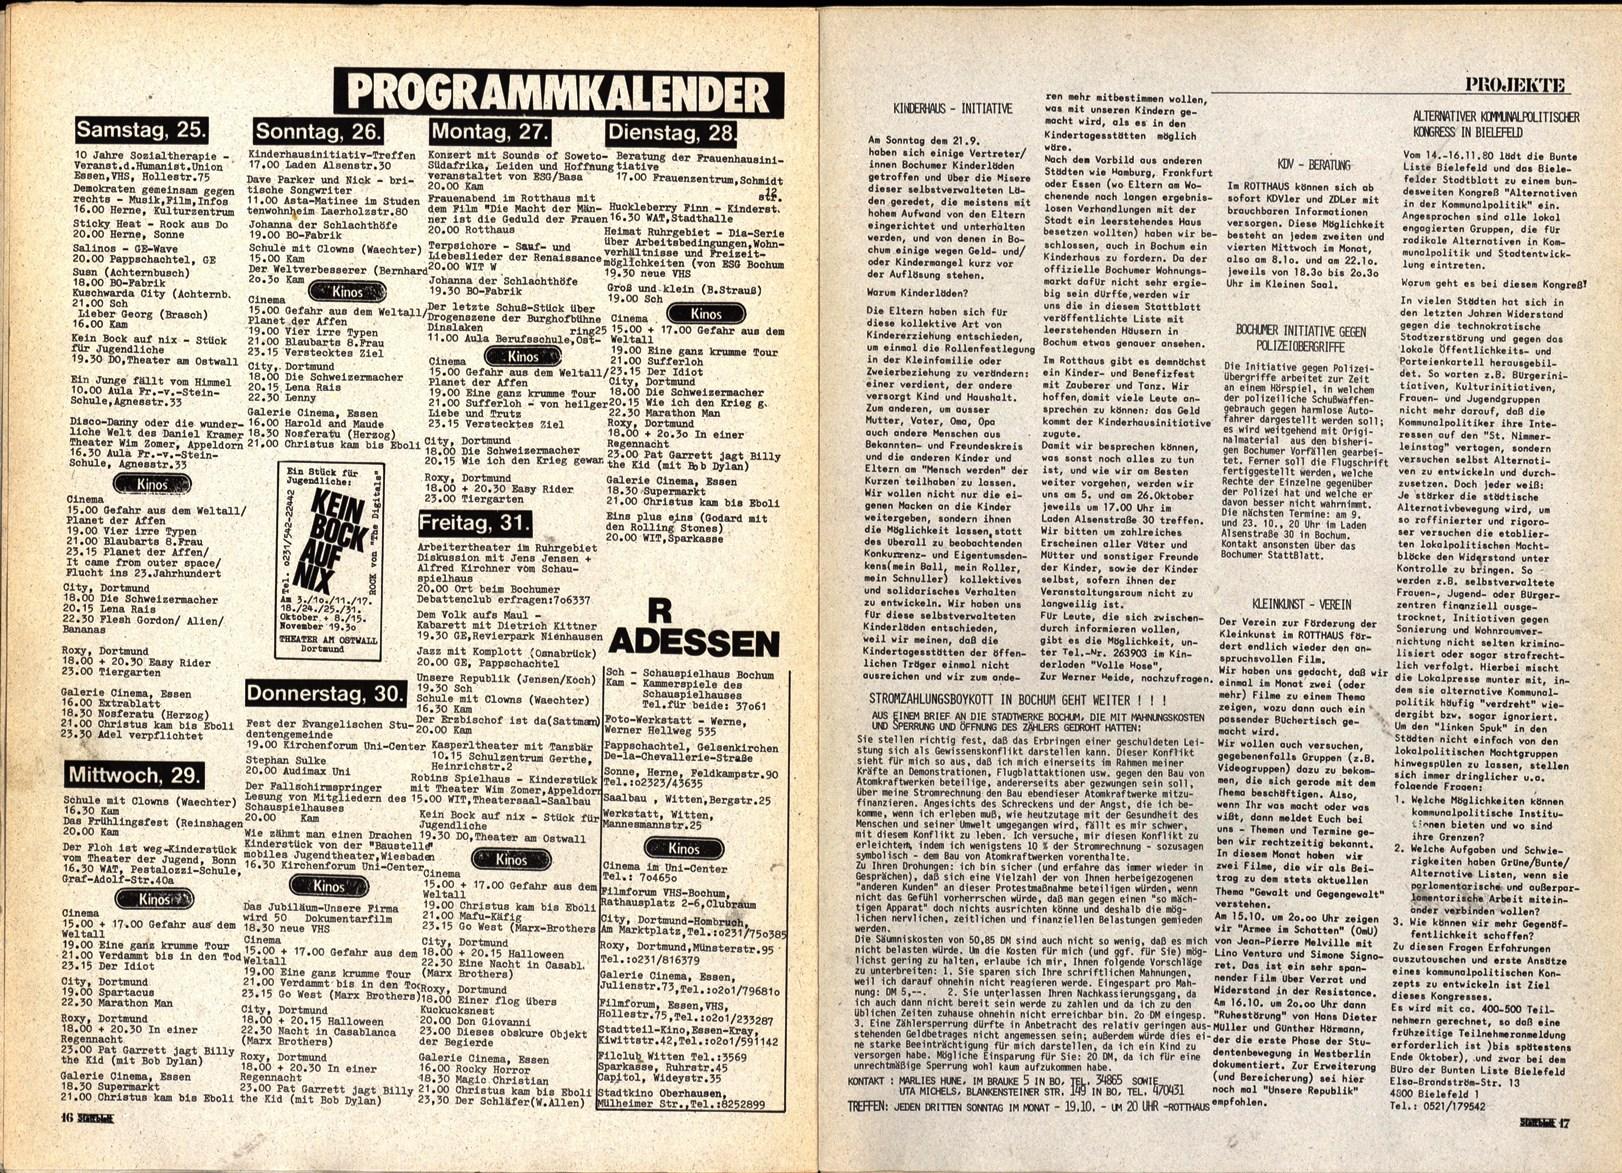 Bochum_Stattblatt_19801000_41_09